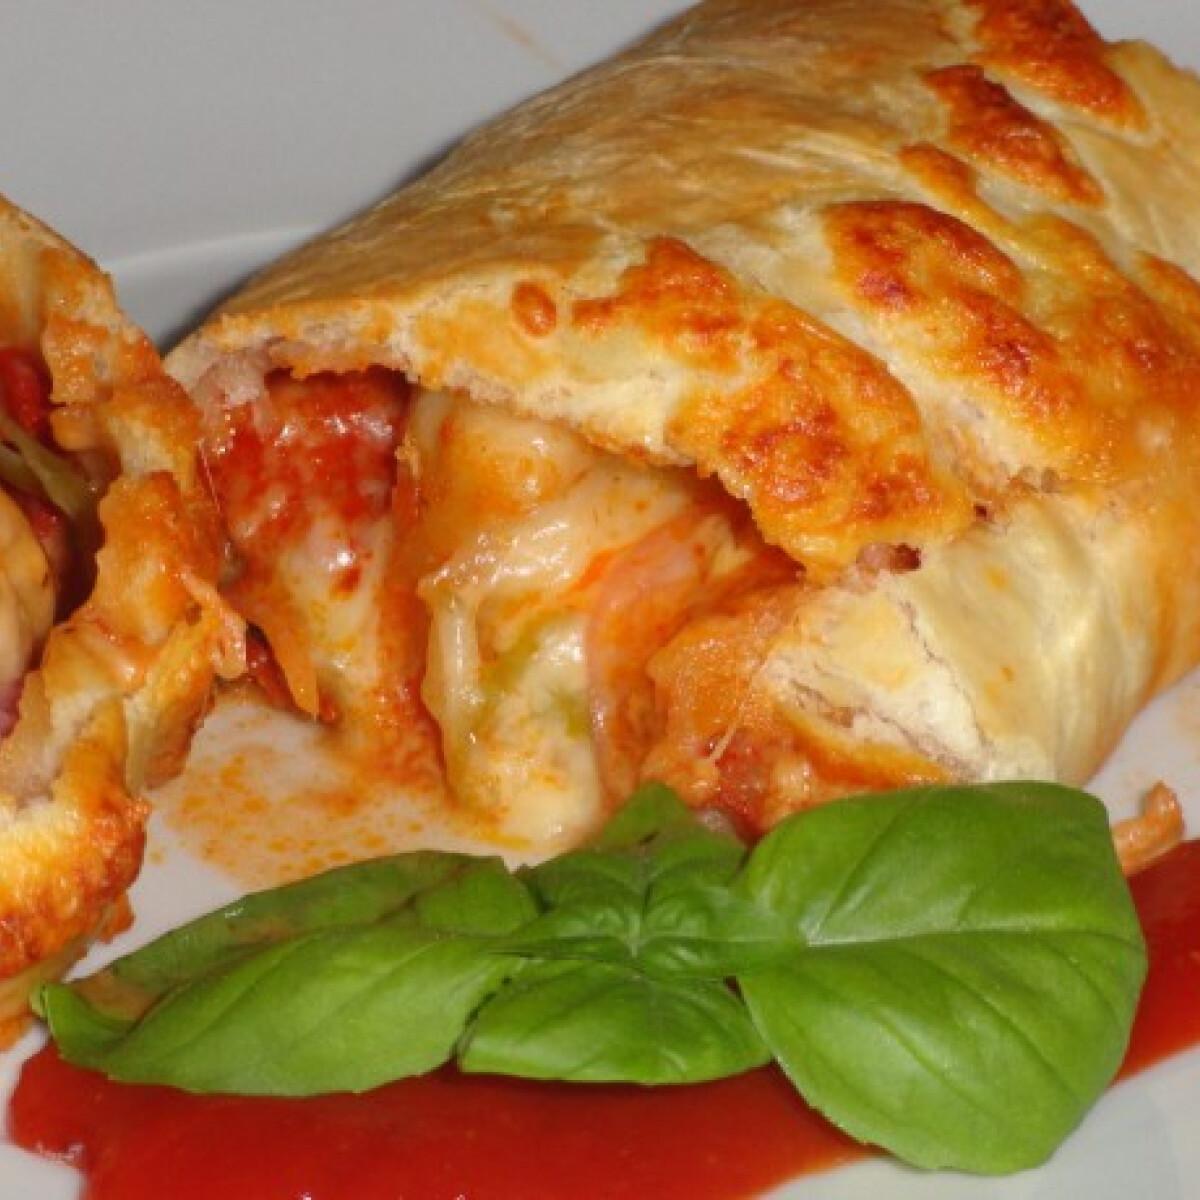 Pizzatekercs Glaser konyhájából